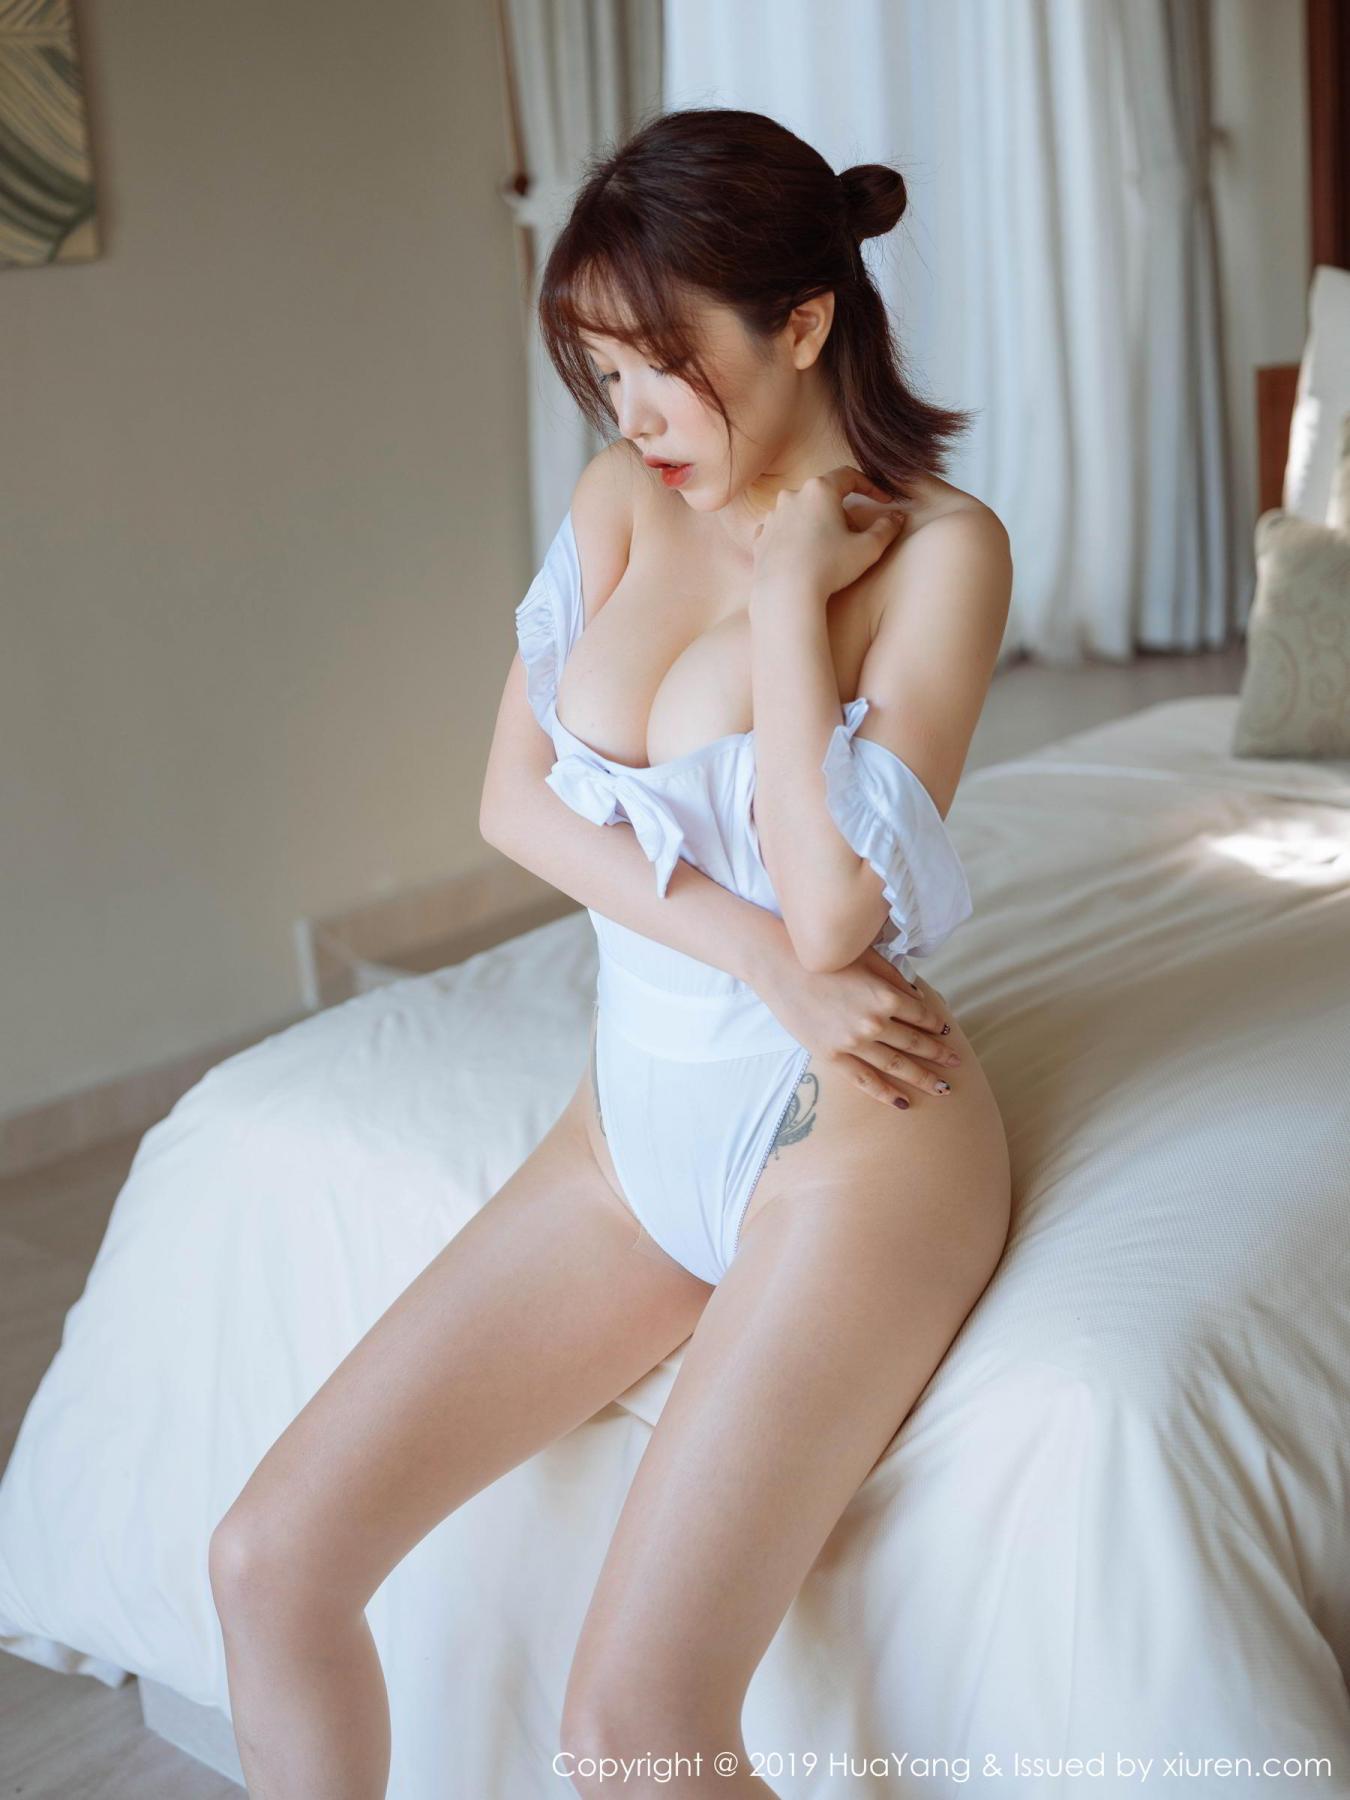 [Huayang] Vol.134 Huang Le Ran 12P, Huang Le Ran, HuaYang, Maid, Sexy